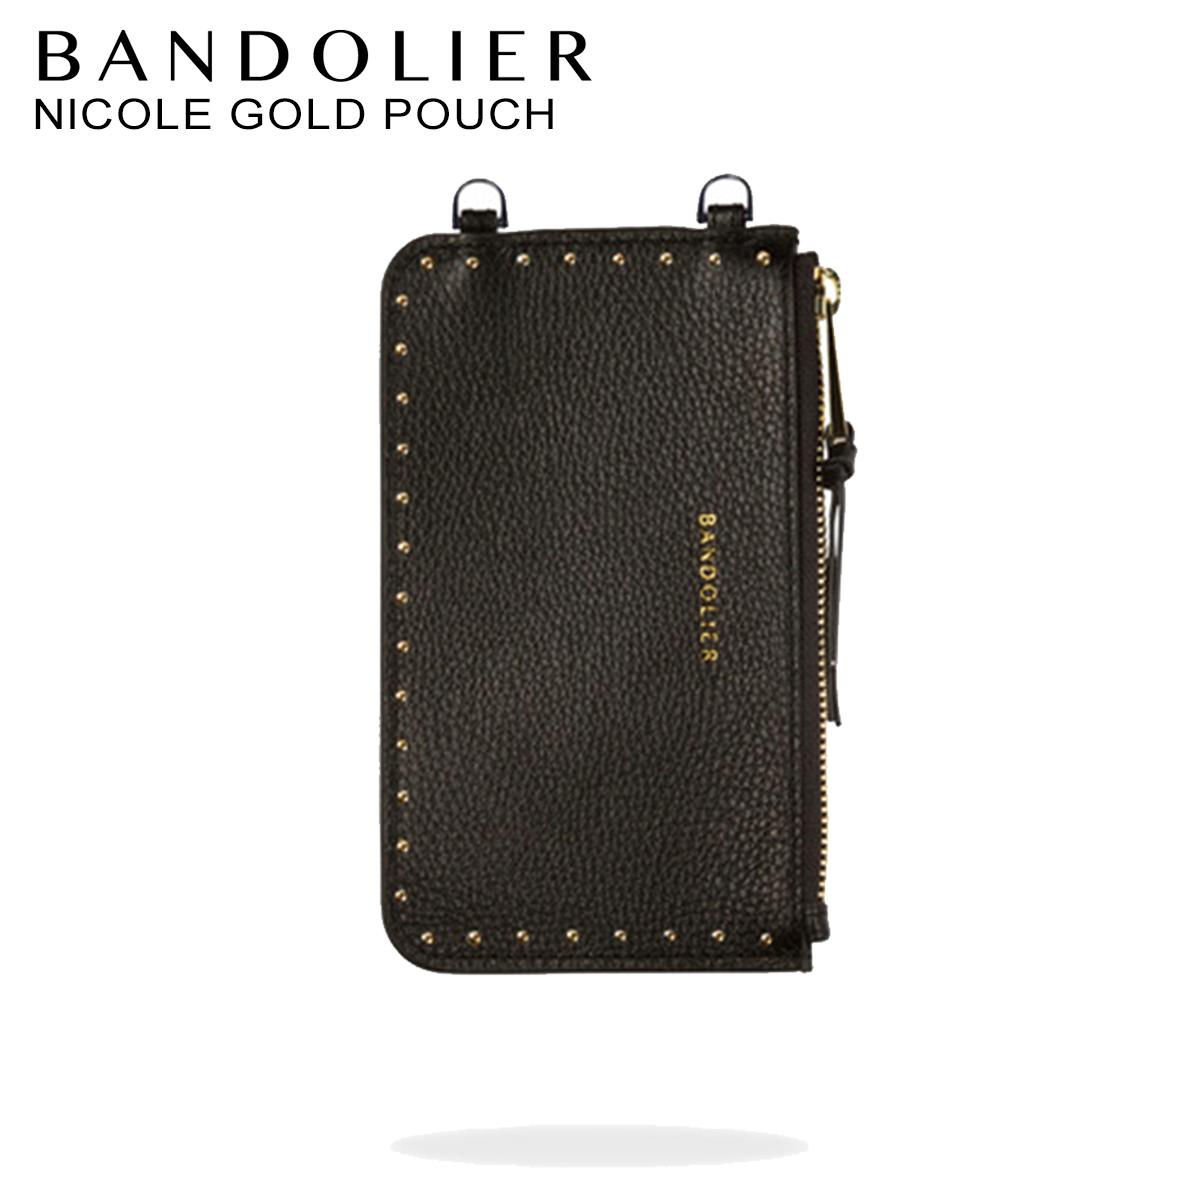 BANDOLIER NICOLE GOLD POUCH バンドリヤー ポーチ レザー メンズ レディース ブラック 20NIC1001